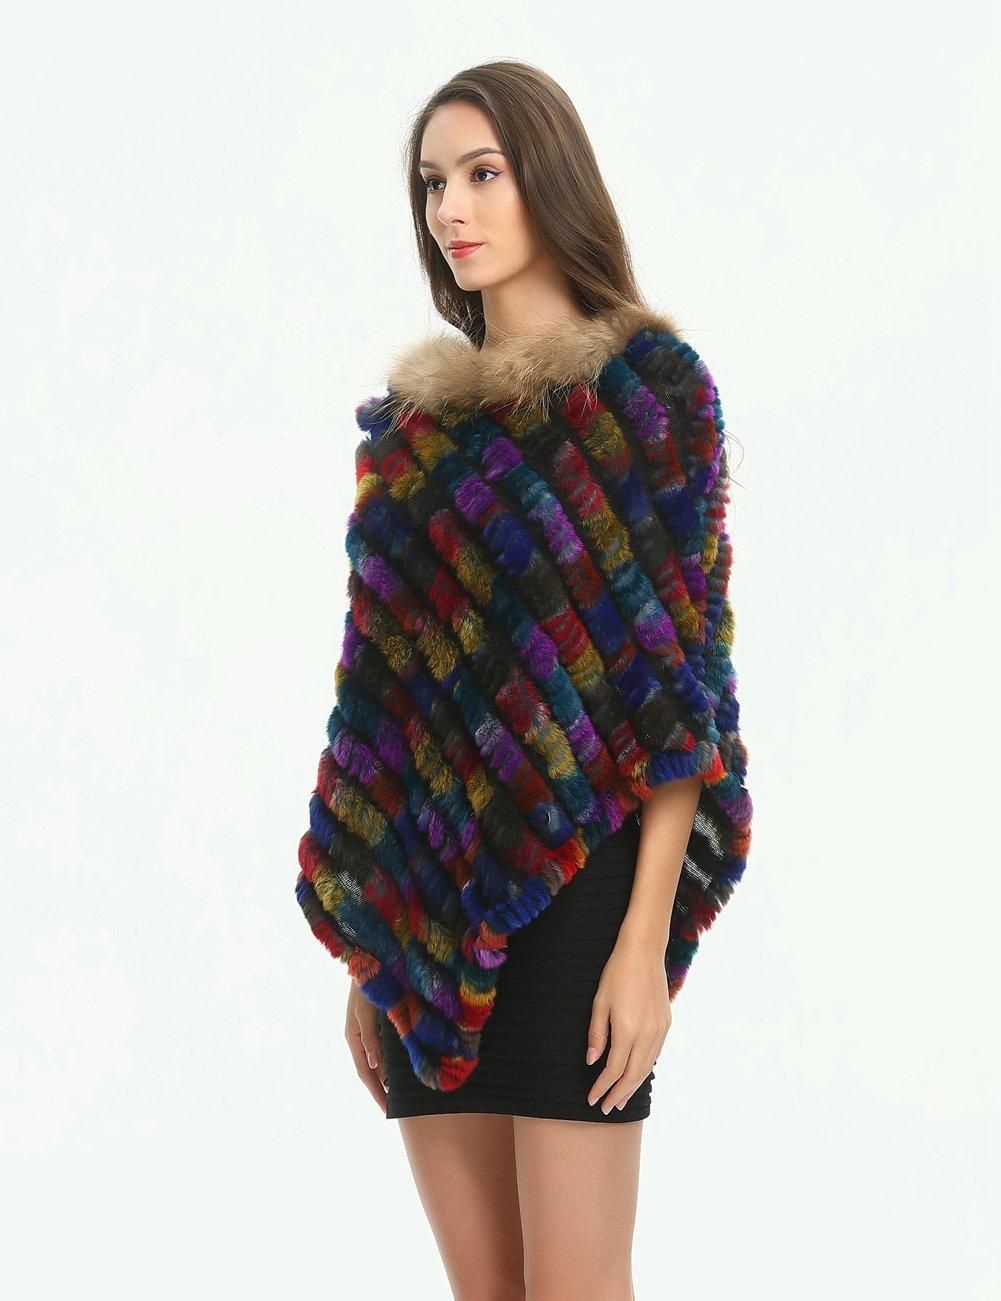 Ferand - Poncho Elegante Mantella Casdo Inverno A Maglia in Pelliccia Vera  di Coniglio con Colletto ingrandisci 0f554c293f3